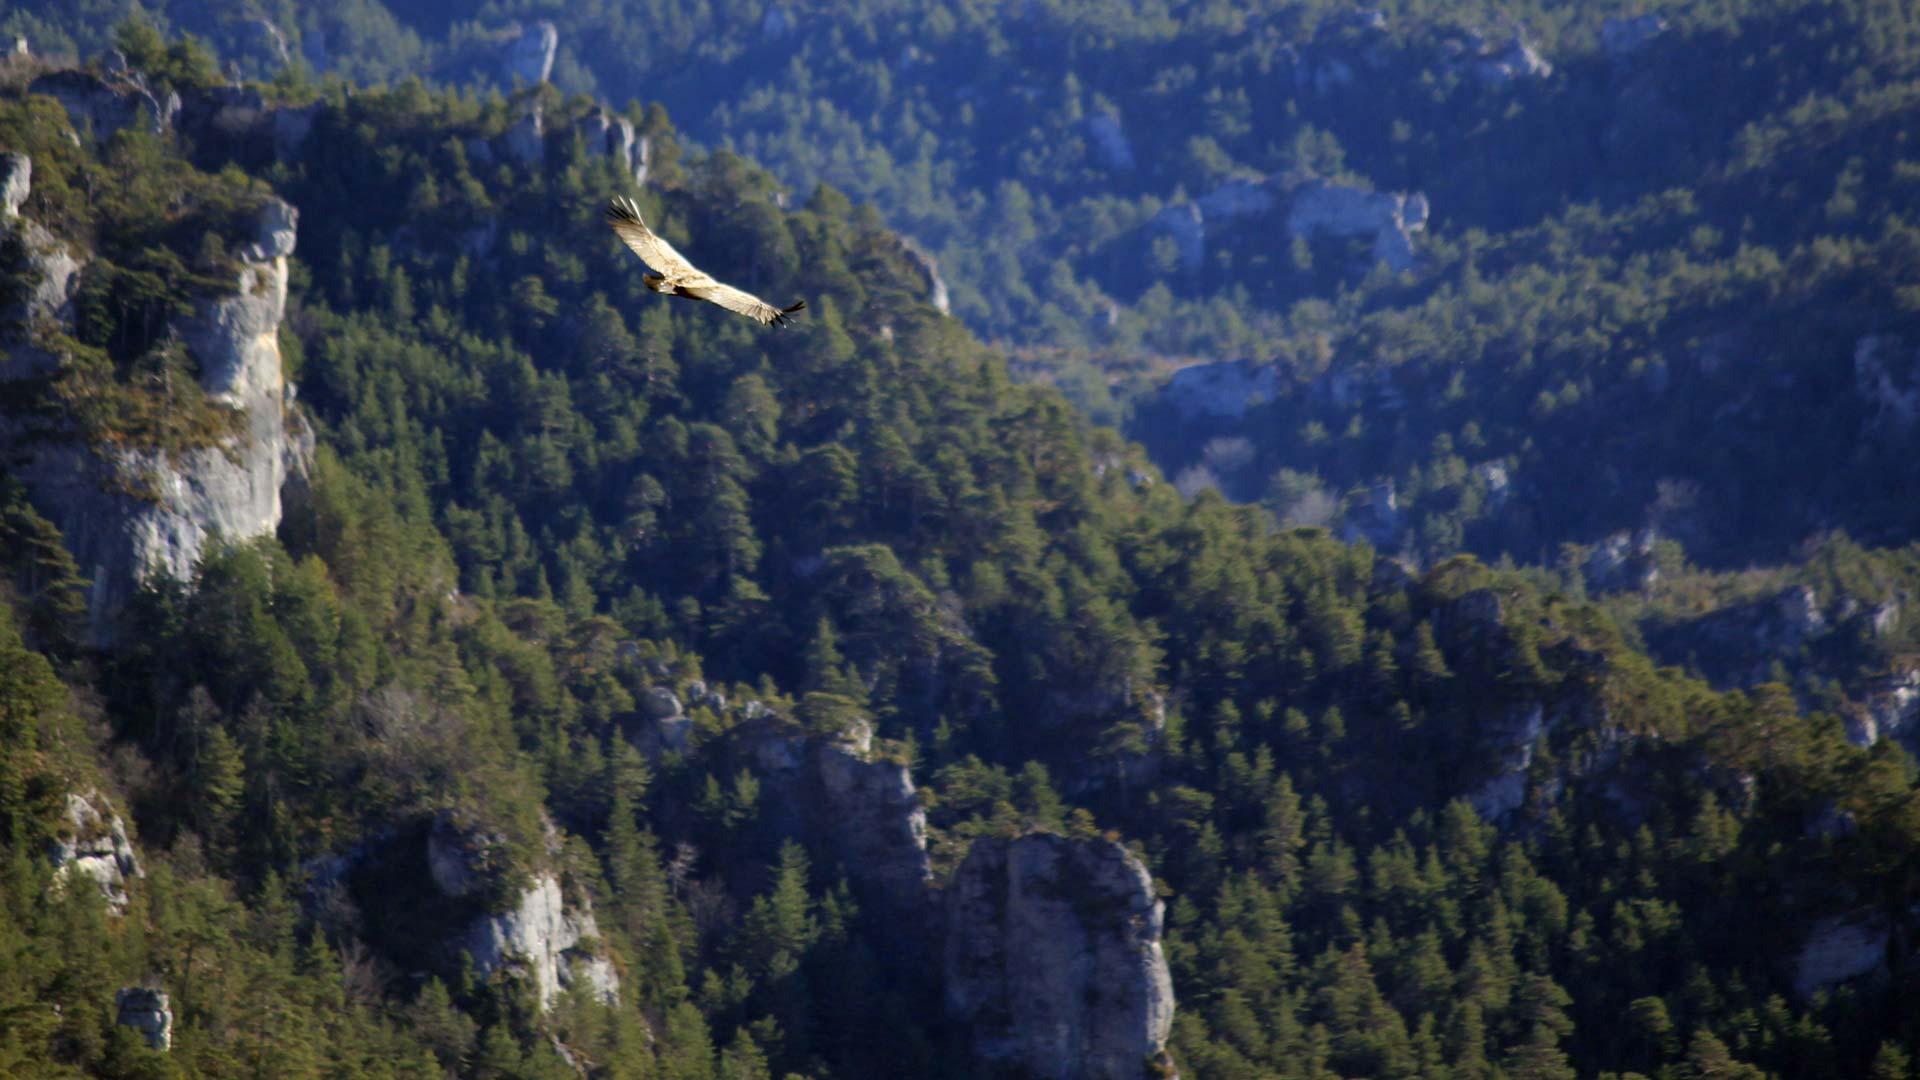 Vautour Gorges du Tarn Lozère